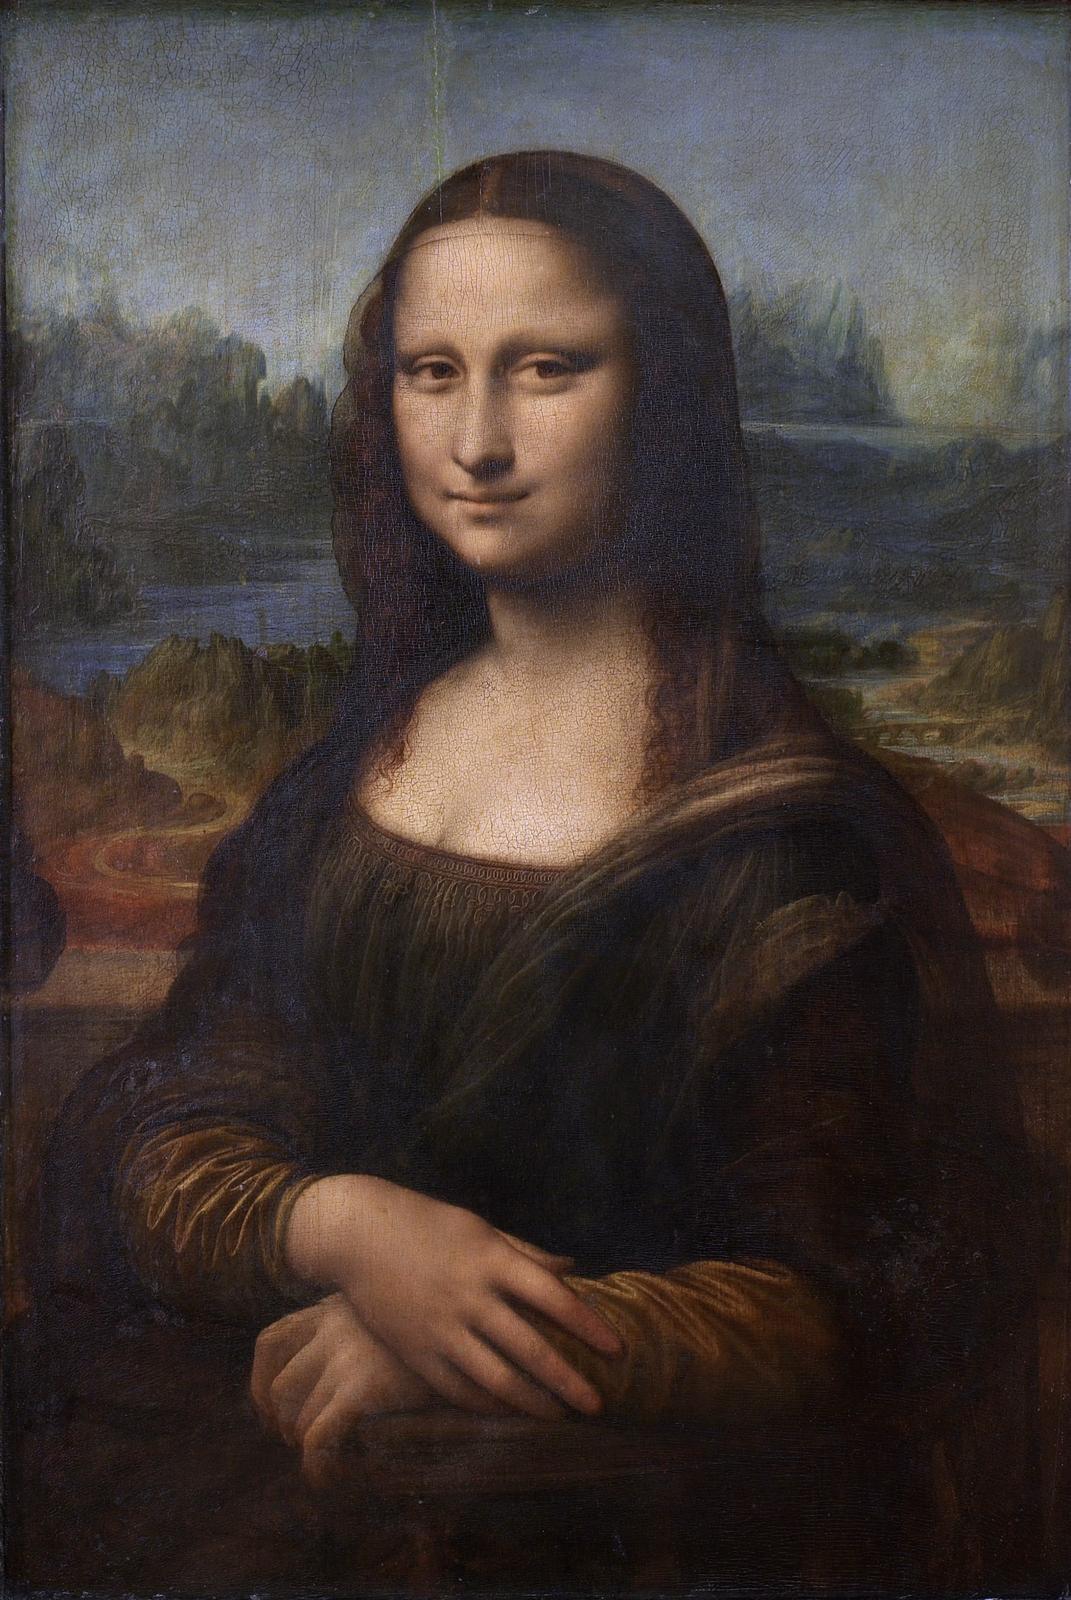 """Ilustracja przedstawia obraz olejny """"Mona Lisa"""" autorstwa Leonarda da Vinci. Dzieło ukazuje portret damy wsukni zciemno-zielonym gorsetem ibeżowymi rękawami. Na ramiona zarzucony ma niebieski płaszcz. Ciemne, drobno pofalowane włosy zprzedziałkiem pośrodku głowy okrywa czarny, przezroczysty woal. Prawa dłoń ułożona jest na lewej. Na twarzy kobiety rysuje się delikatny uśmiech. Spokojna, pełna dostojeństwa postać ukazana jest na dynamicznym tle pełnym zakoli rzek, krętych ścieżek iostrych szczytów pagórków. Dzieło utrzymane jest wwąskiej, ciemnej tonacji zdominacją ciepłych beży, zieleni oraz chłodnym błękitem wtle."""